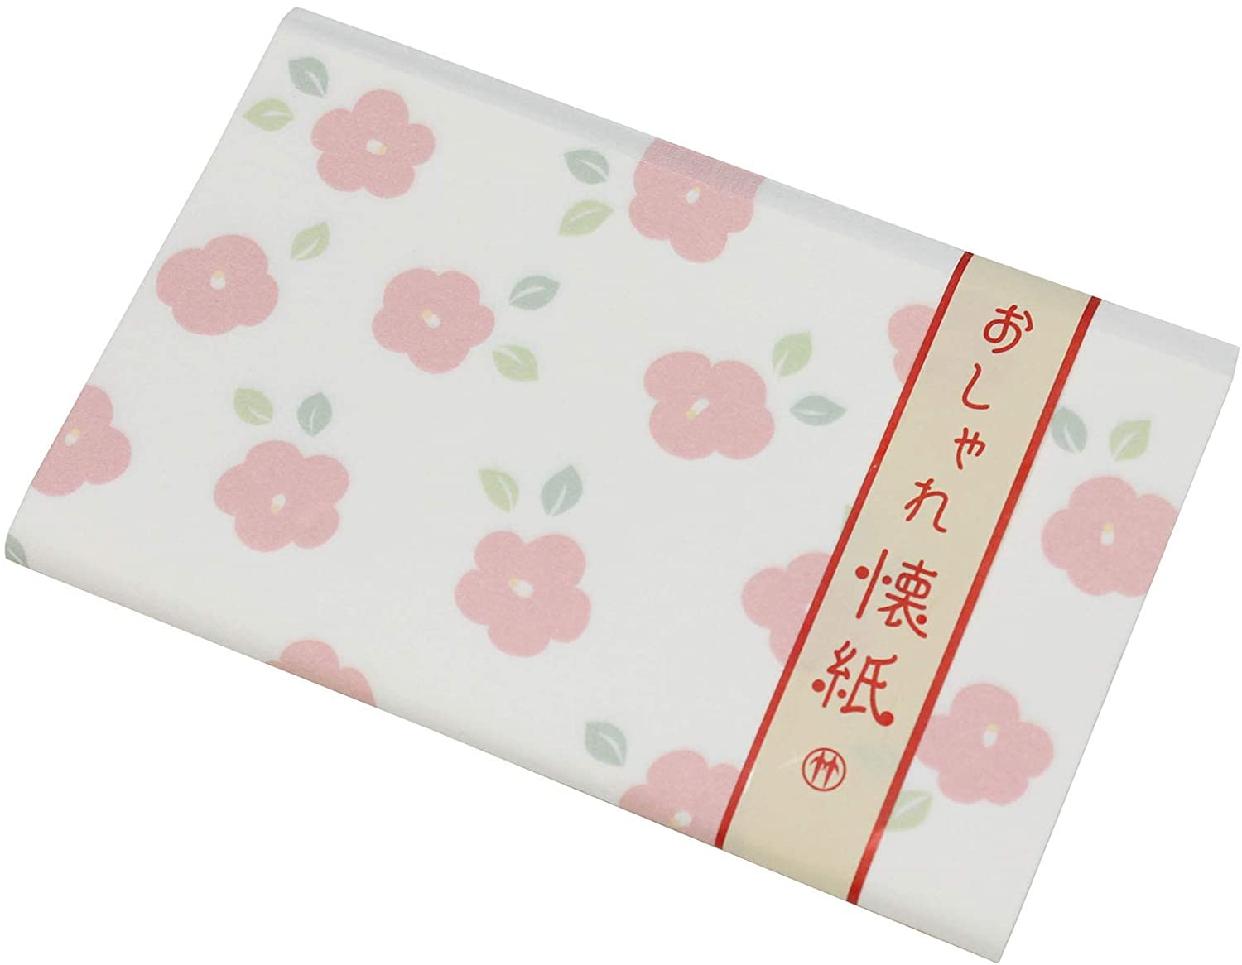 クロチク おしゃれ懐紙 椿 71306711 白の商品画像2